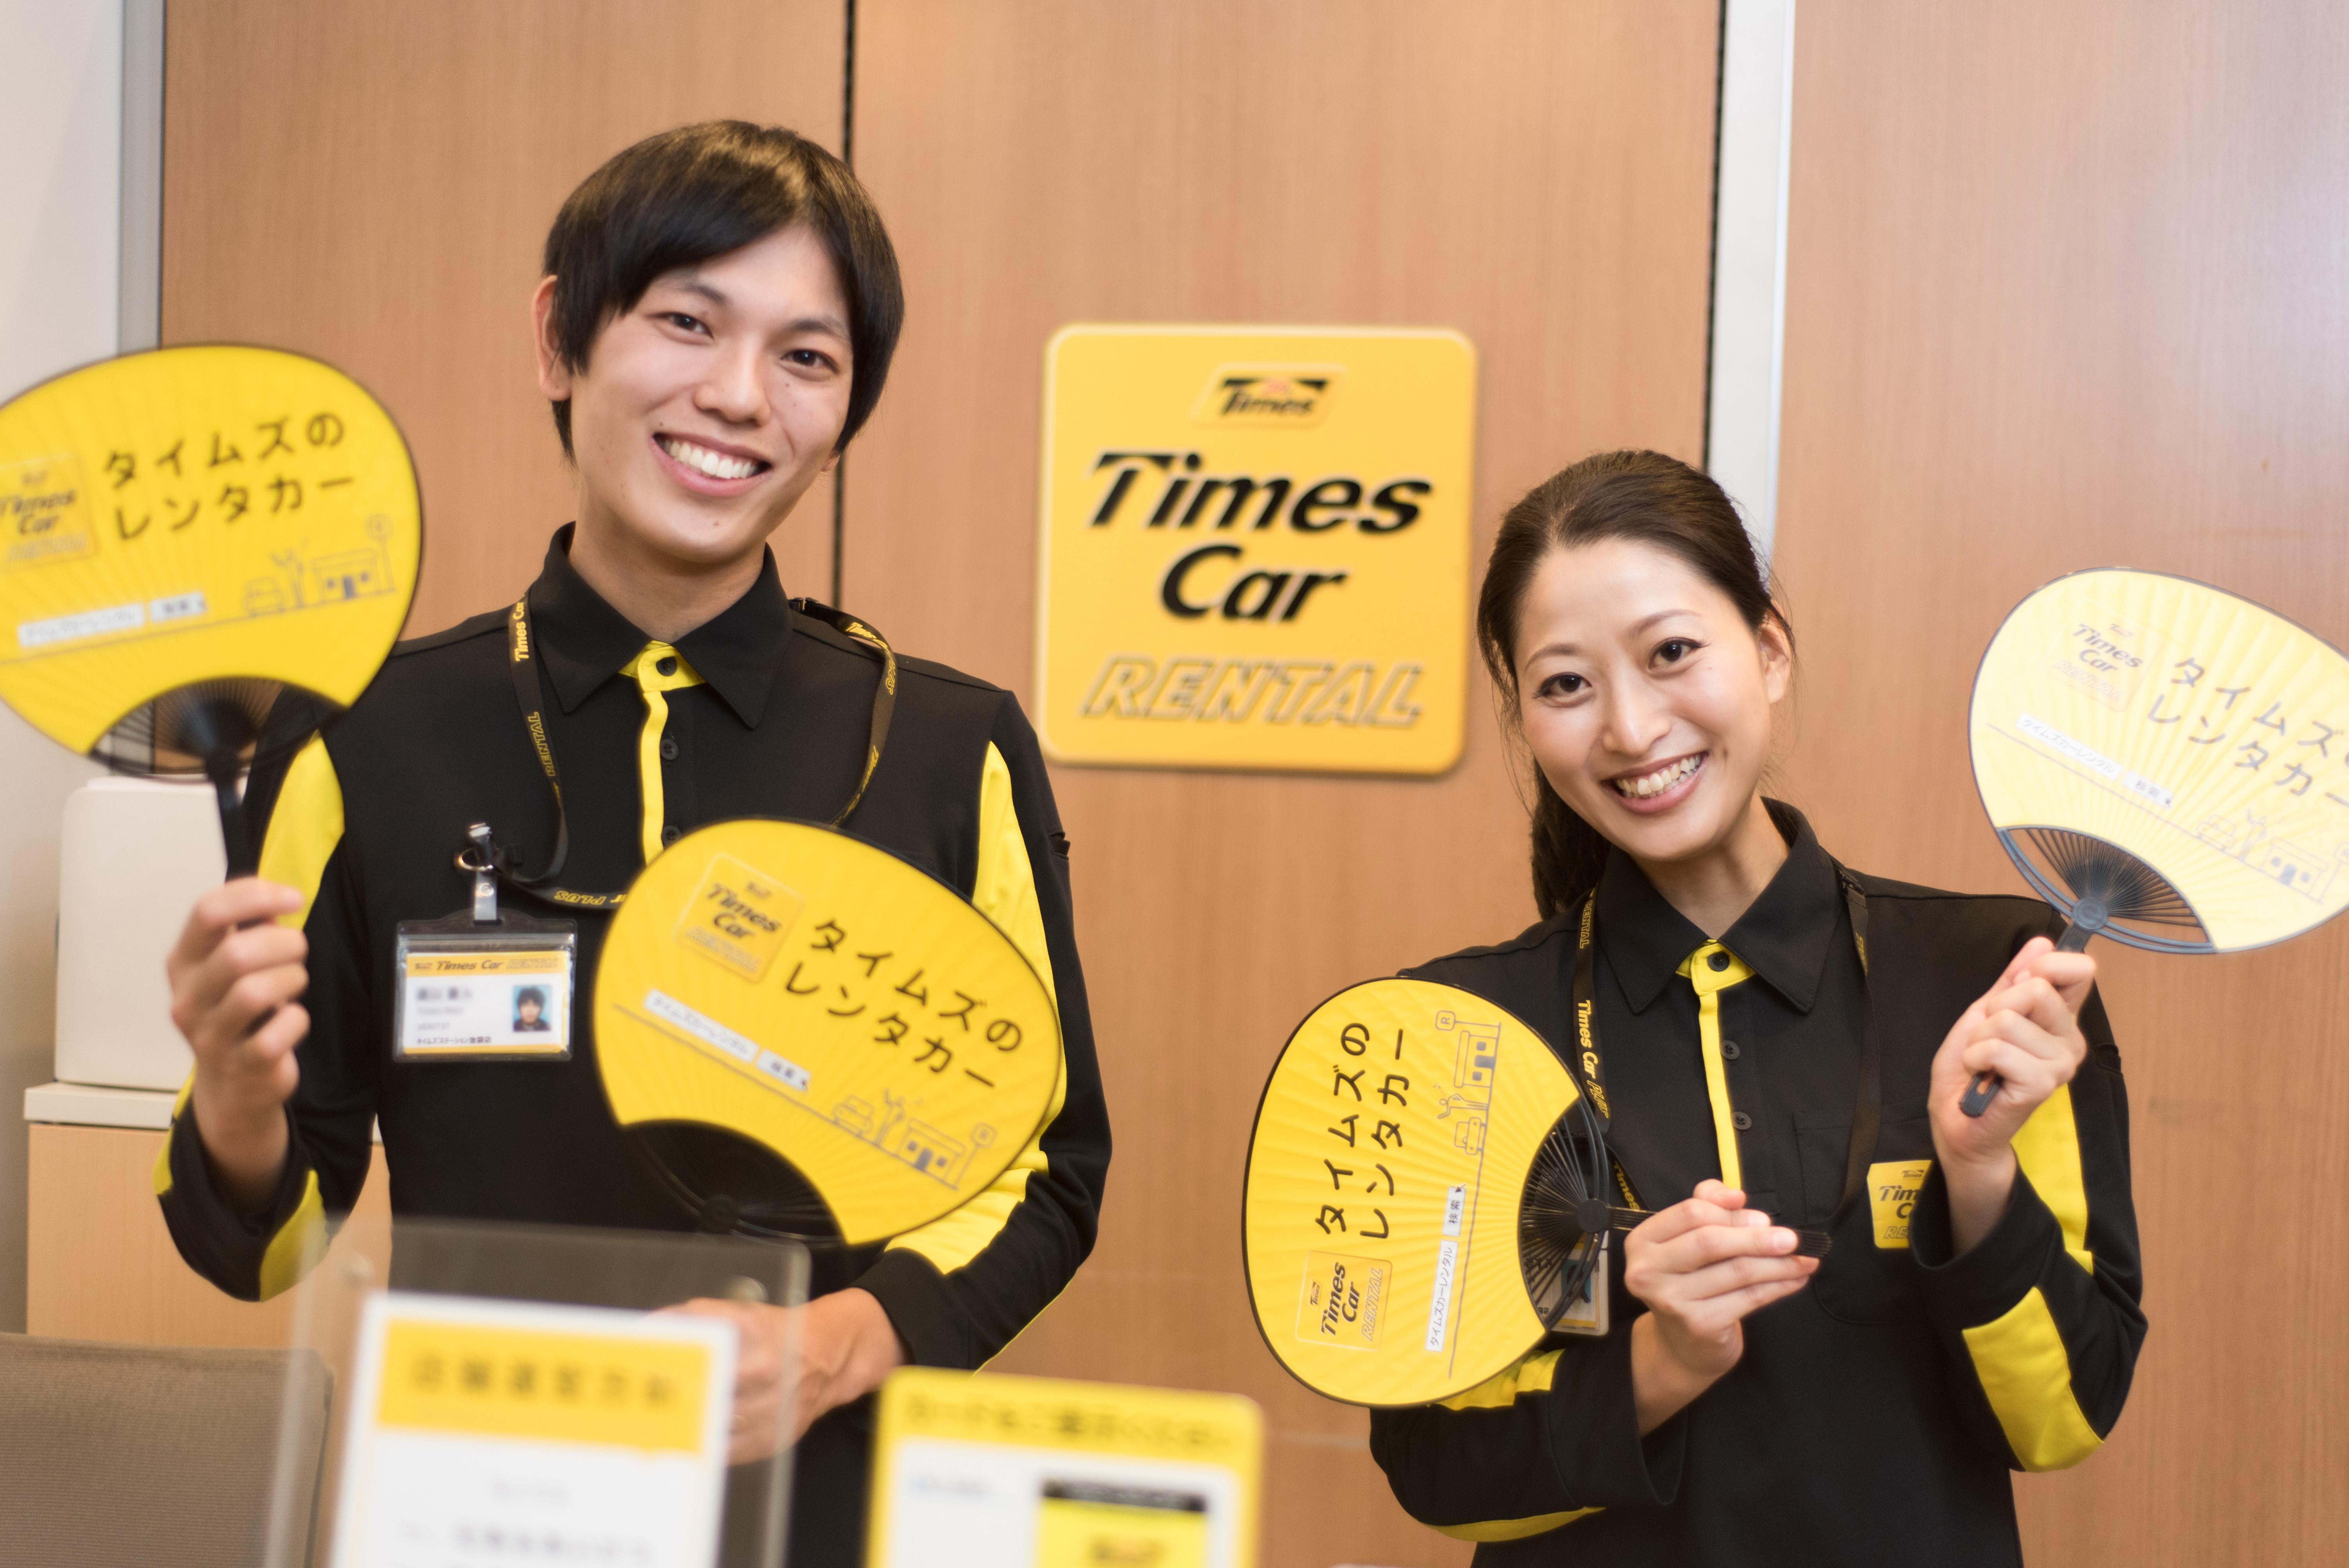 タイムズカーレンタル 宮崎空港前店 のアルバイト情報